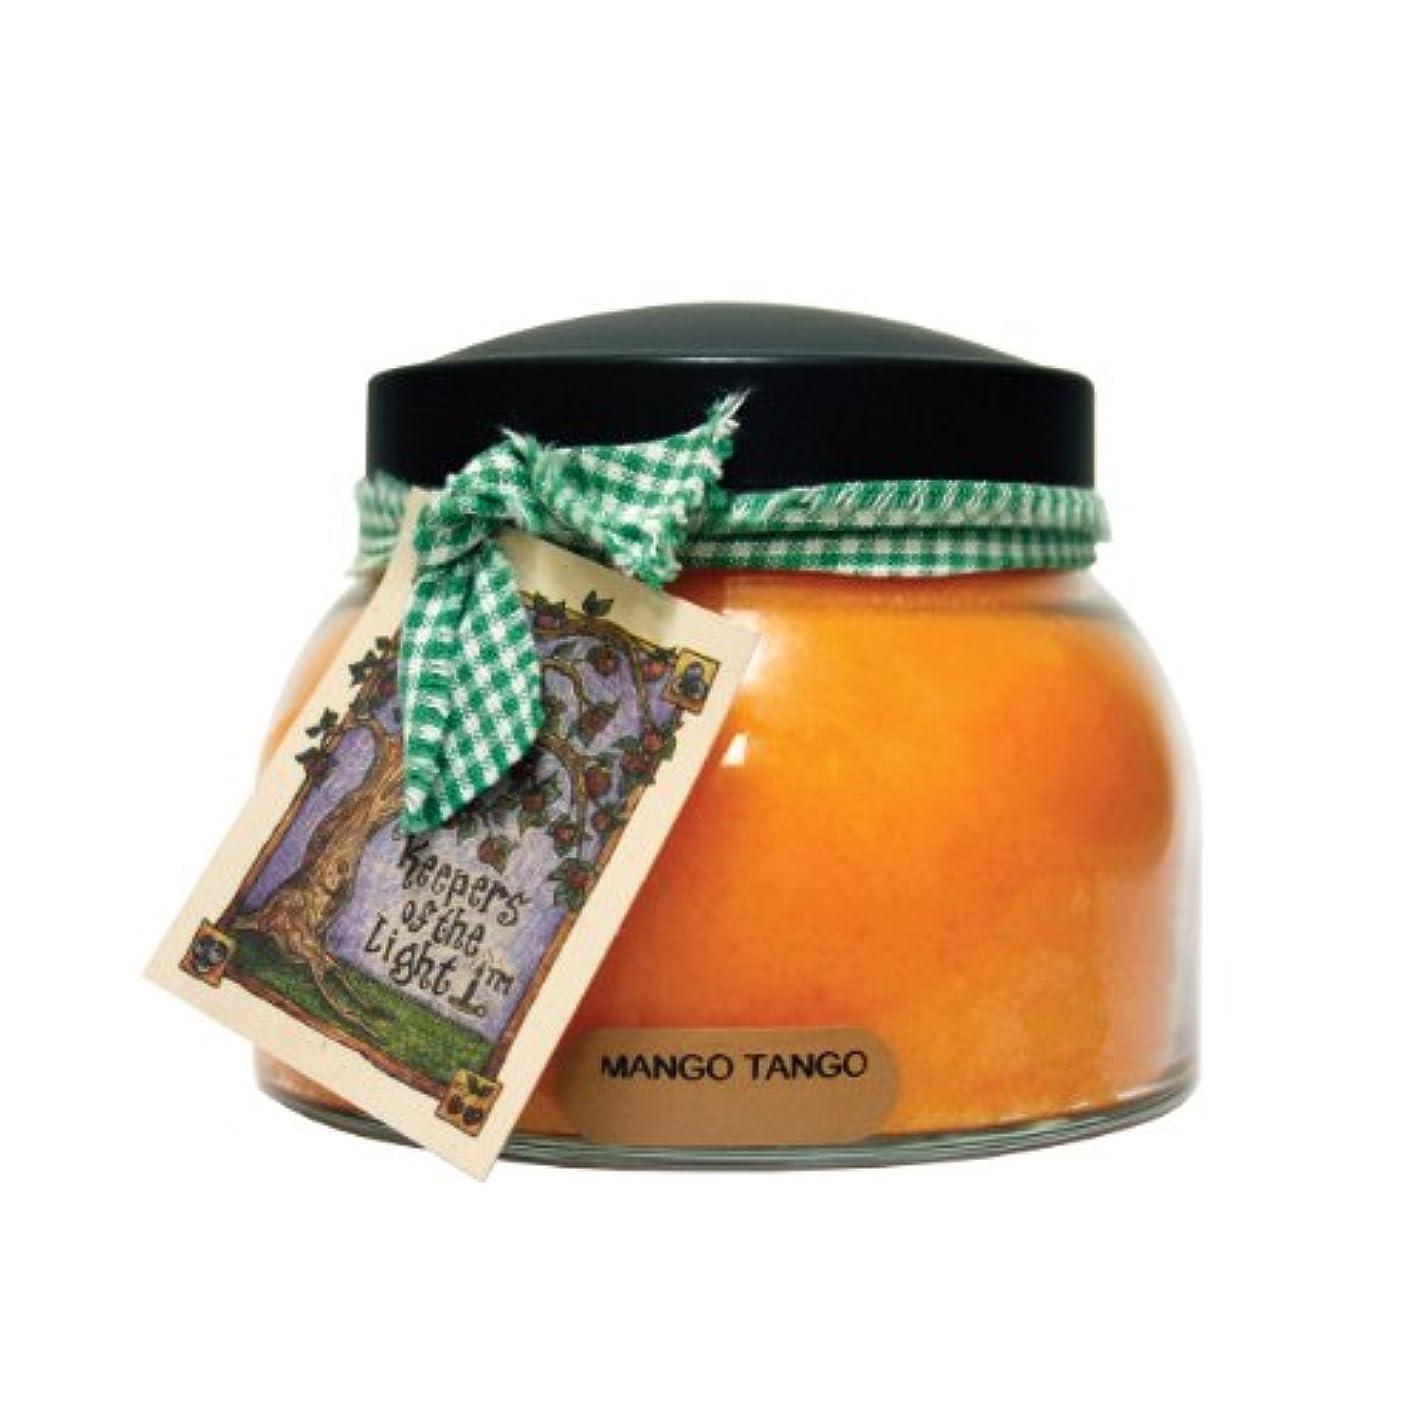 うつオーラルキャロラインA Cheerful Giver Mango Tango ベイビージャーキャンドル 22oz JM83